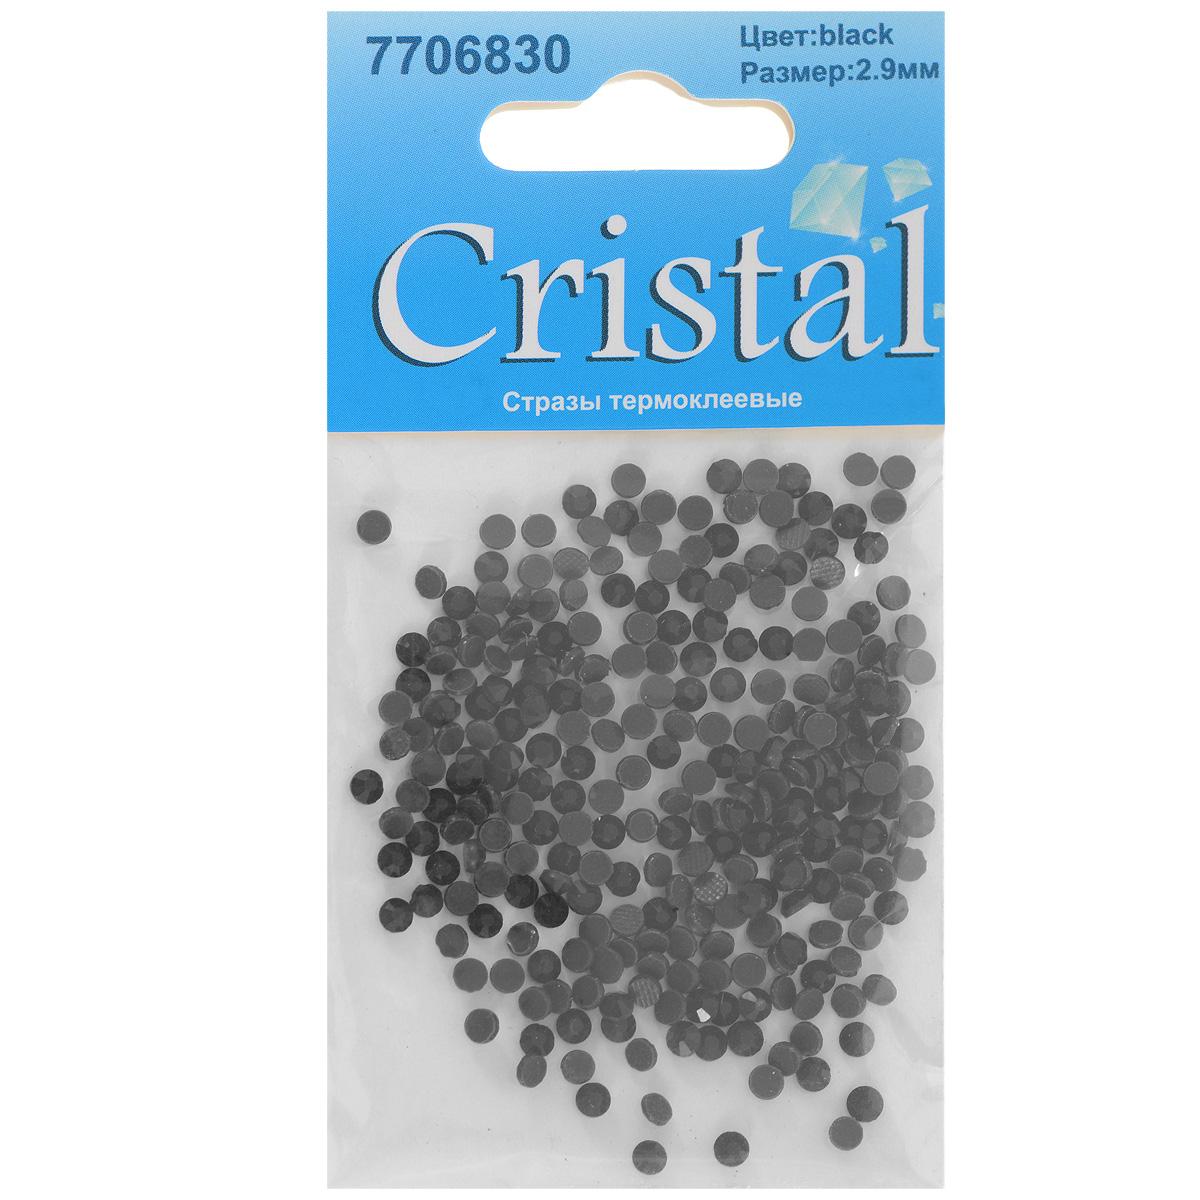 Стразы термоклеевые Cristal, цвет: черный, диаметр 2,9 мм, 288 шт7706830_черныйНабор термоклеевых страз Cristal, изготовленный из высококачественного акрила, позволит вам украсить одежду, аксессуары или текстиль. Яркие стразы имеют плоское дно и круглую поверхность с гранями.Дно термоклеевых страз уже обработано особым клеем, который под воздействием высоких температур начинает плавиться, приклеиваясь, таким образом, к требуемой поверхности. Чаще всего их используют в текстильной промышленности: стразы прикладывают к ткани и проглаживают утюгом с обратной стороны. Также можно использовать специальный паяльник. Украшение стразами поможет сделать любую вещь оригинальной и неповторимой. Диаметр страз: 2,9 мм.